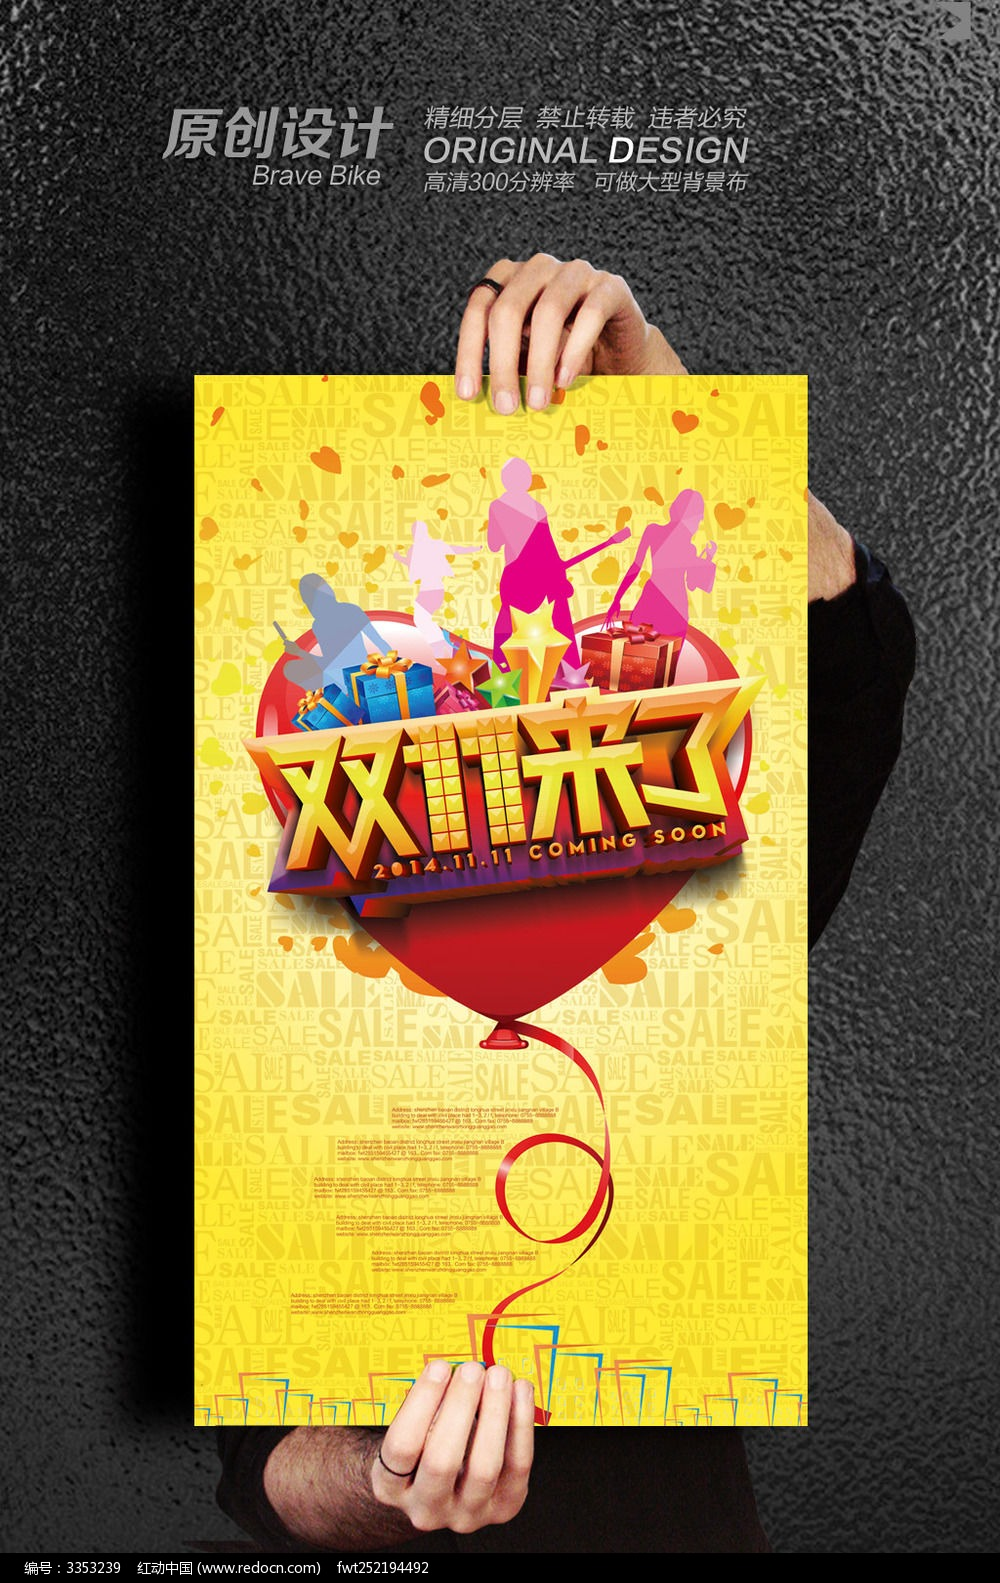 商场双11促销活动海报